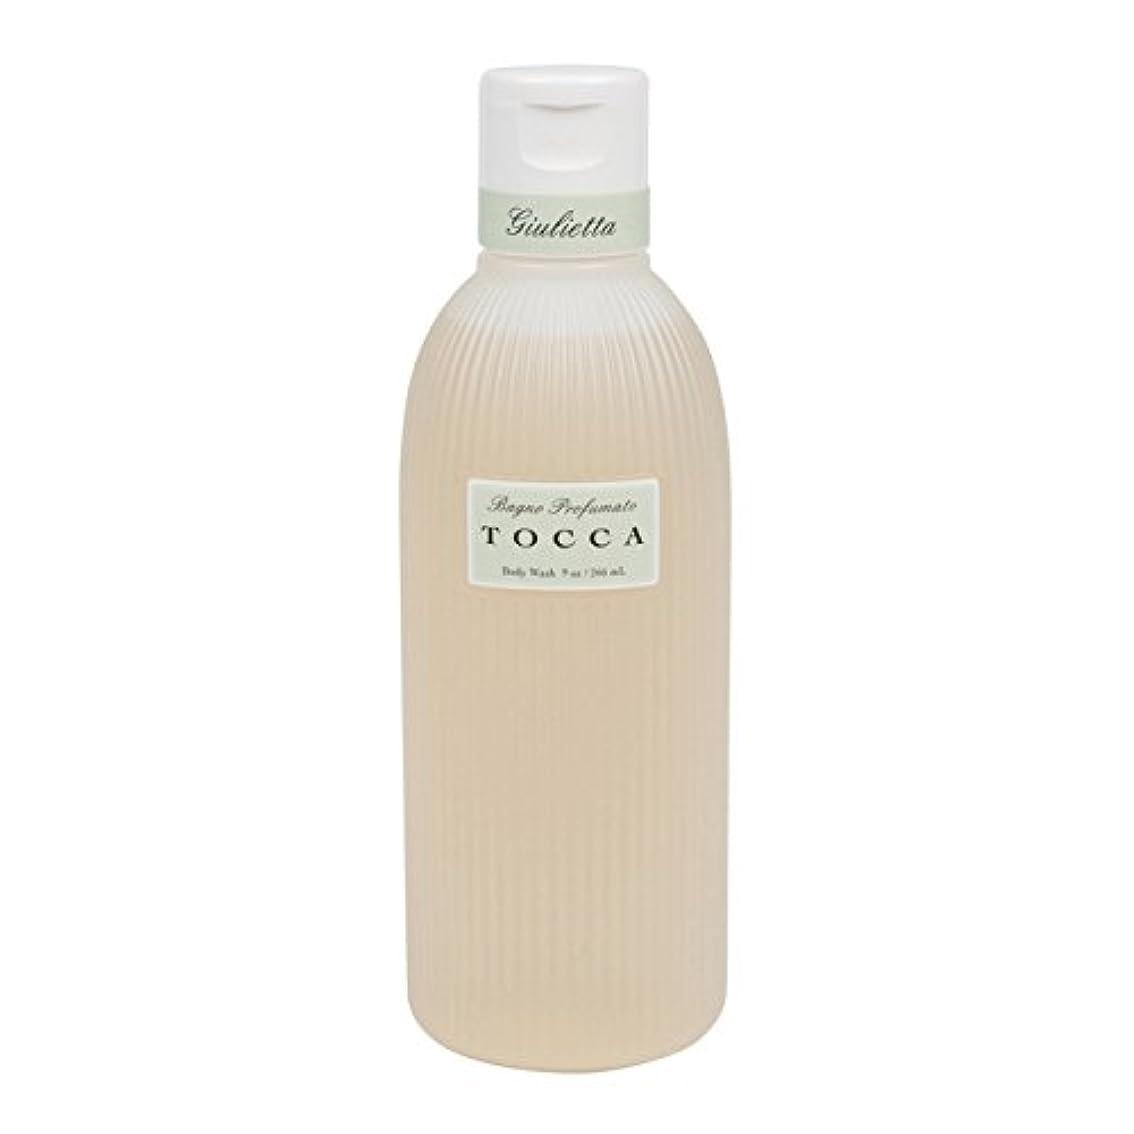 スマッシュサドル安全性トッカ(TOCCA) ボディーケアウォッシュ ジュリエッタの香り 266ml(全身用洗浄料 ボディーソープ ピンクチューリップとグリーンアップルの爽やかで甘い香り) [並行輸入品]